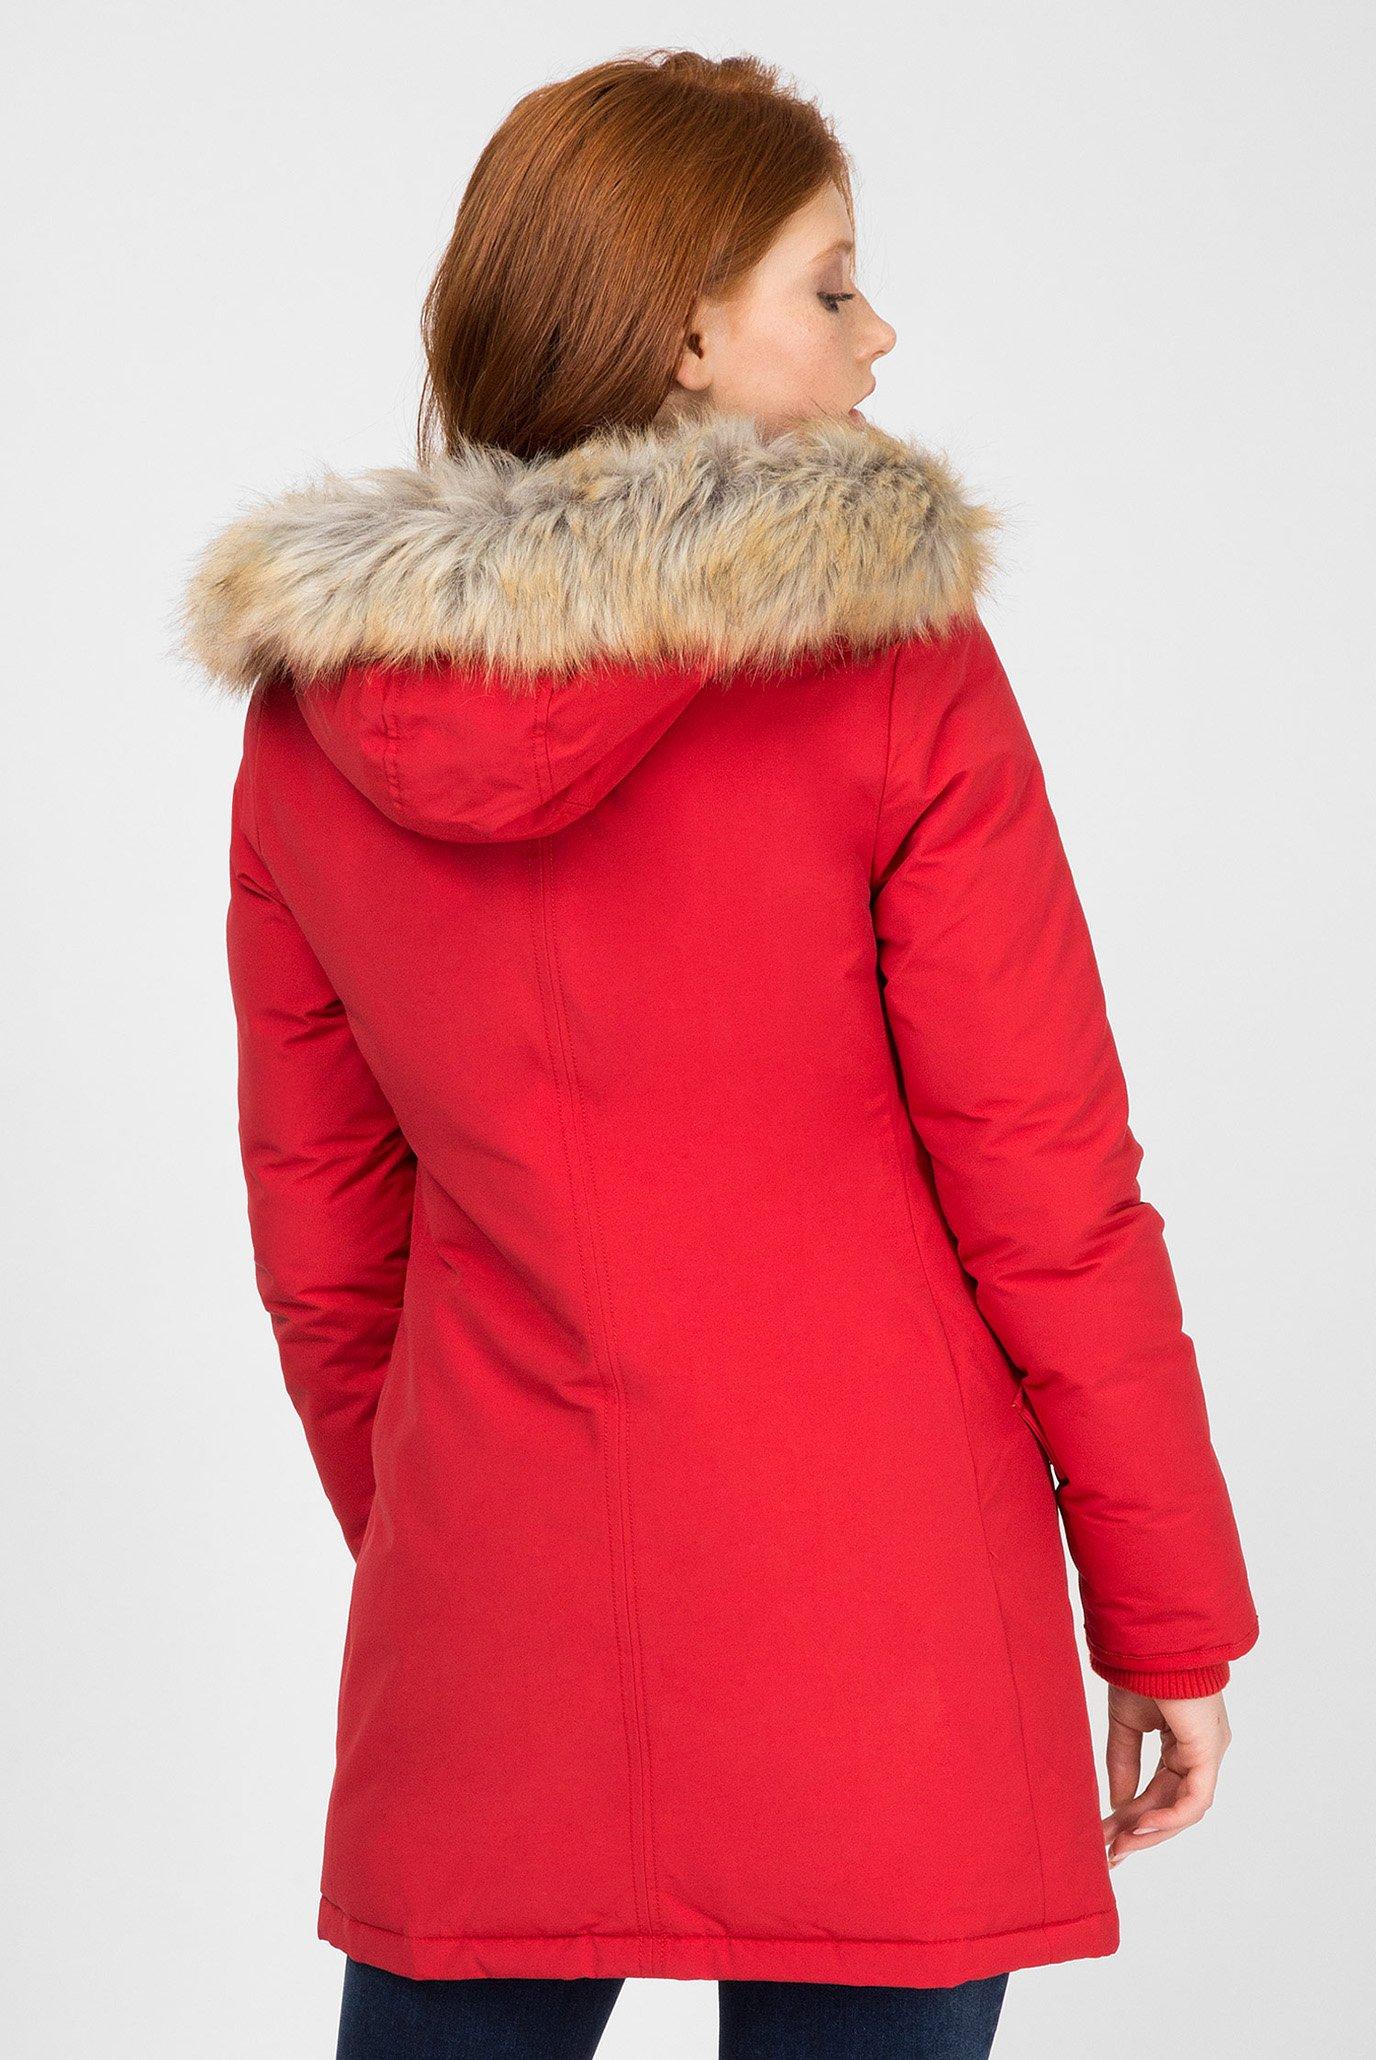 Купить Женская красная пуховая парка Tommy Hilfiger Tommy Hilfiger DW0DW05165 – Киев, Украина. Цены в интернет магазине MD Fashion